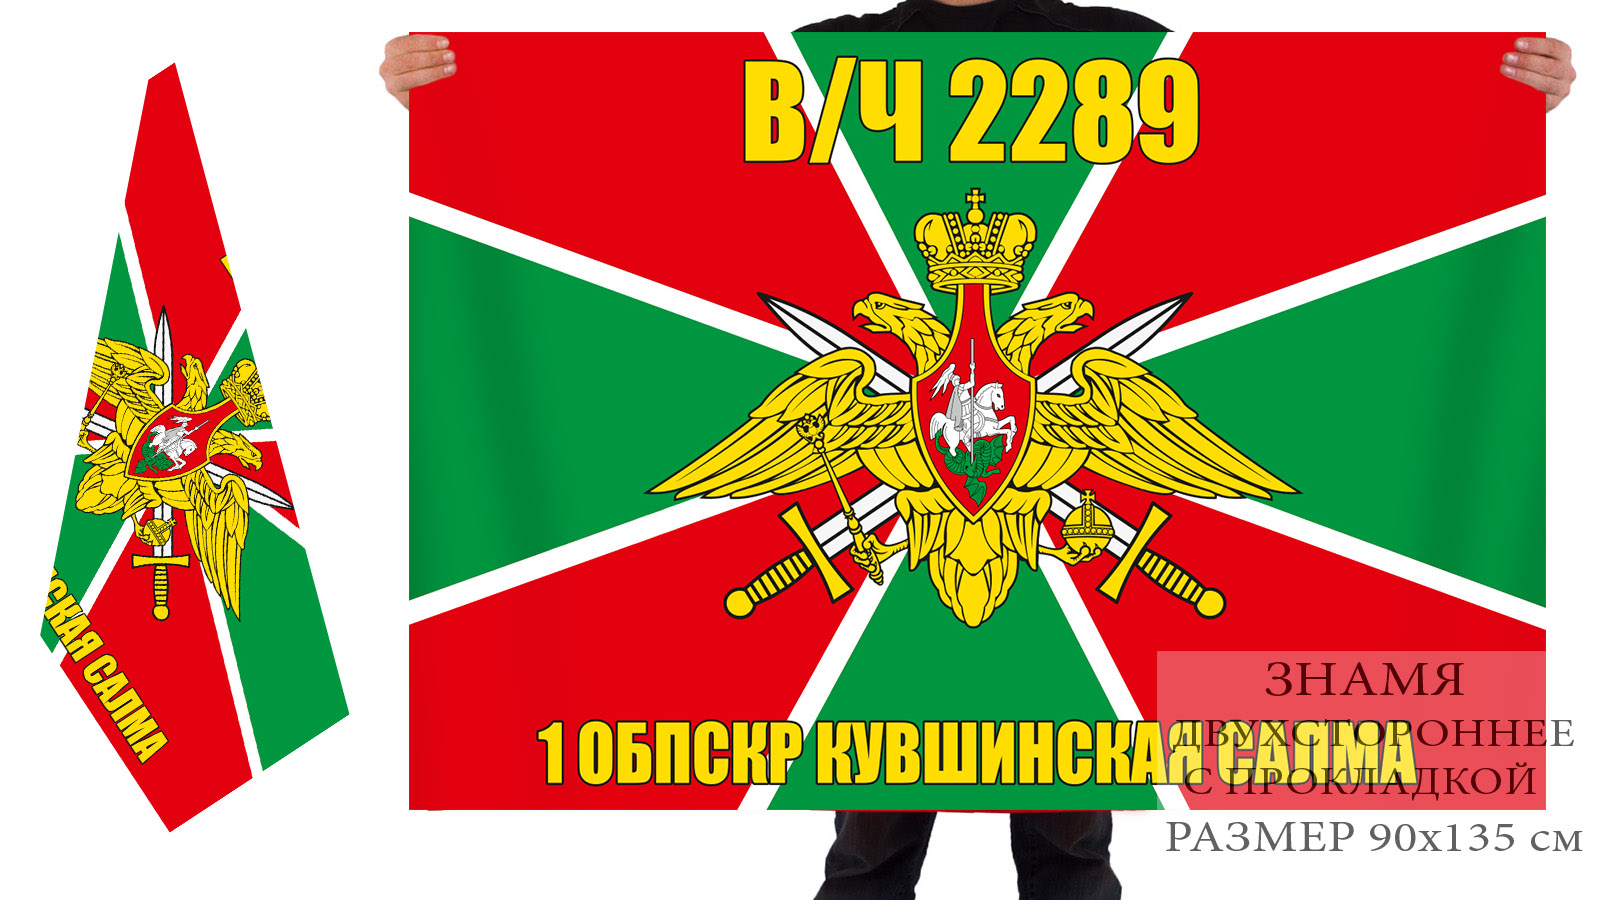 Заказать флаг Погранвойск «1 ОБрПСКР Кувшинская Салма, в/ч 2289»